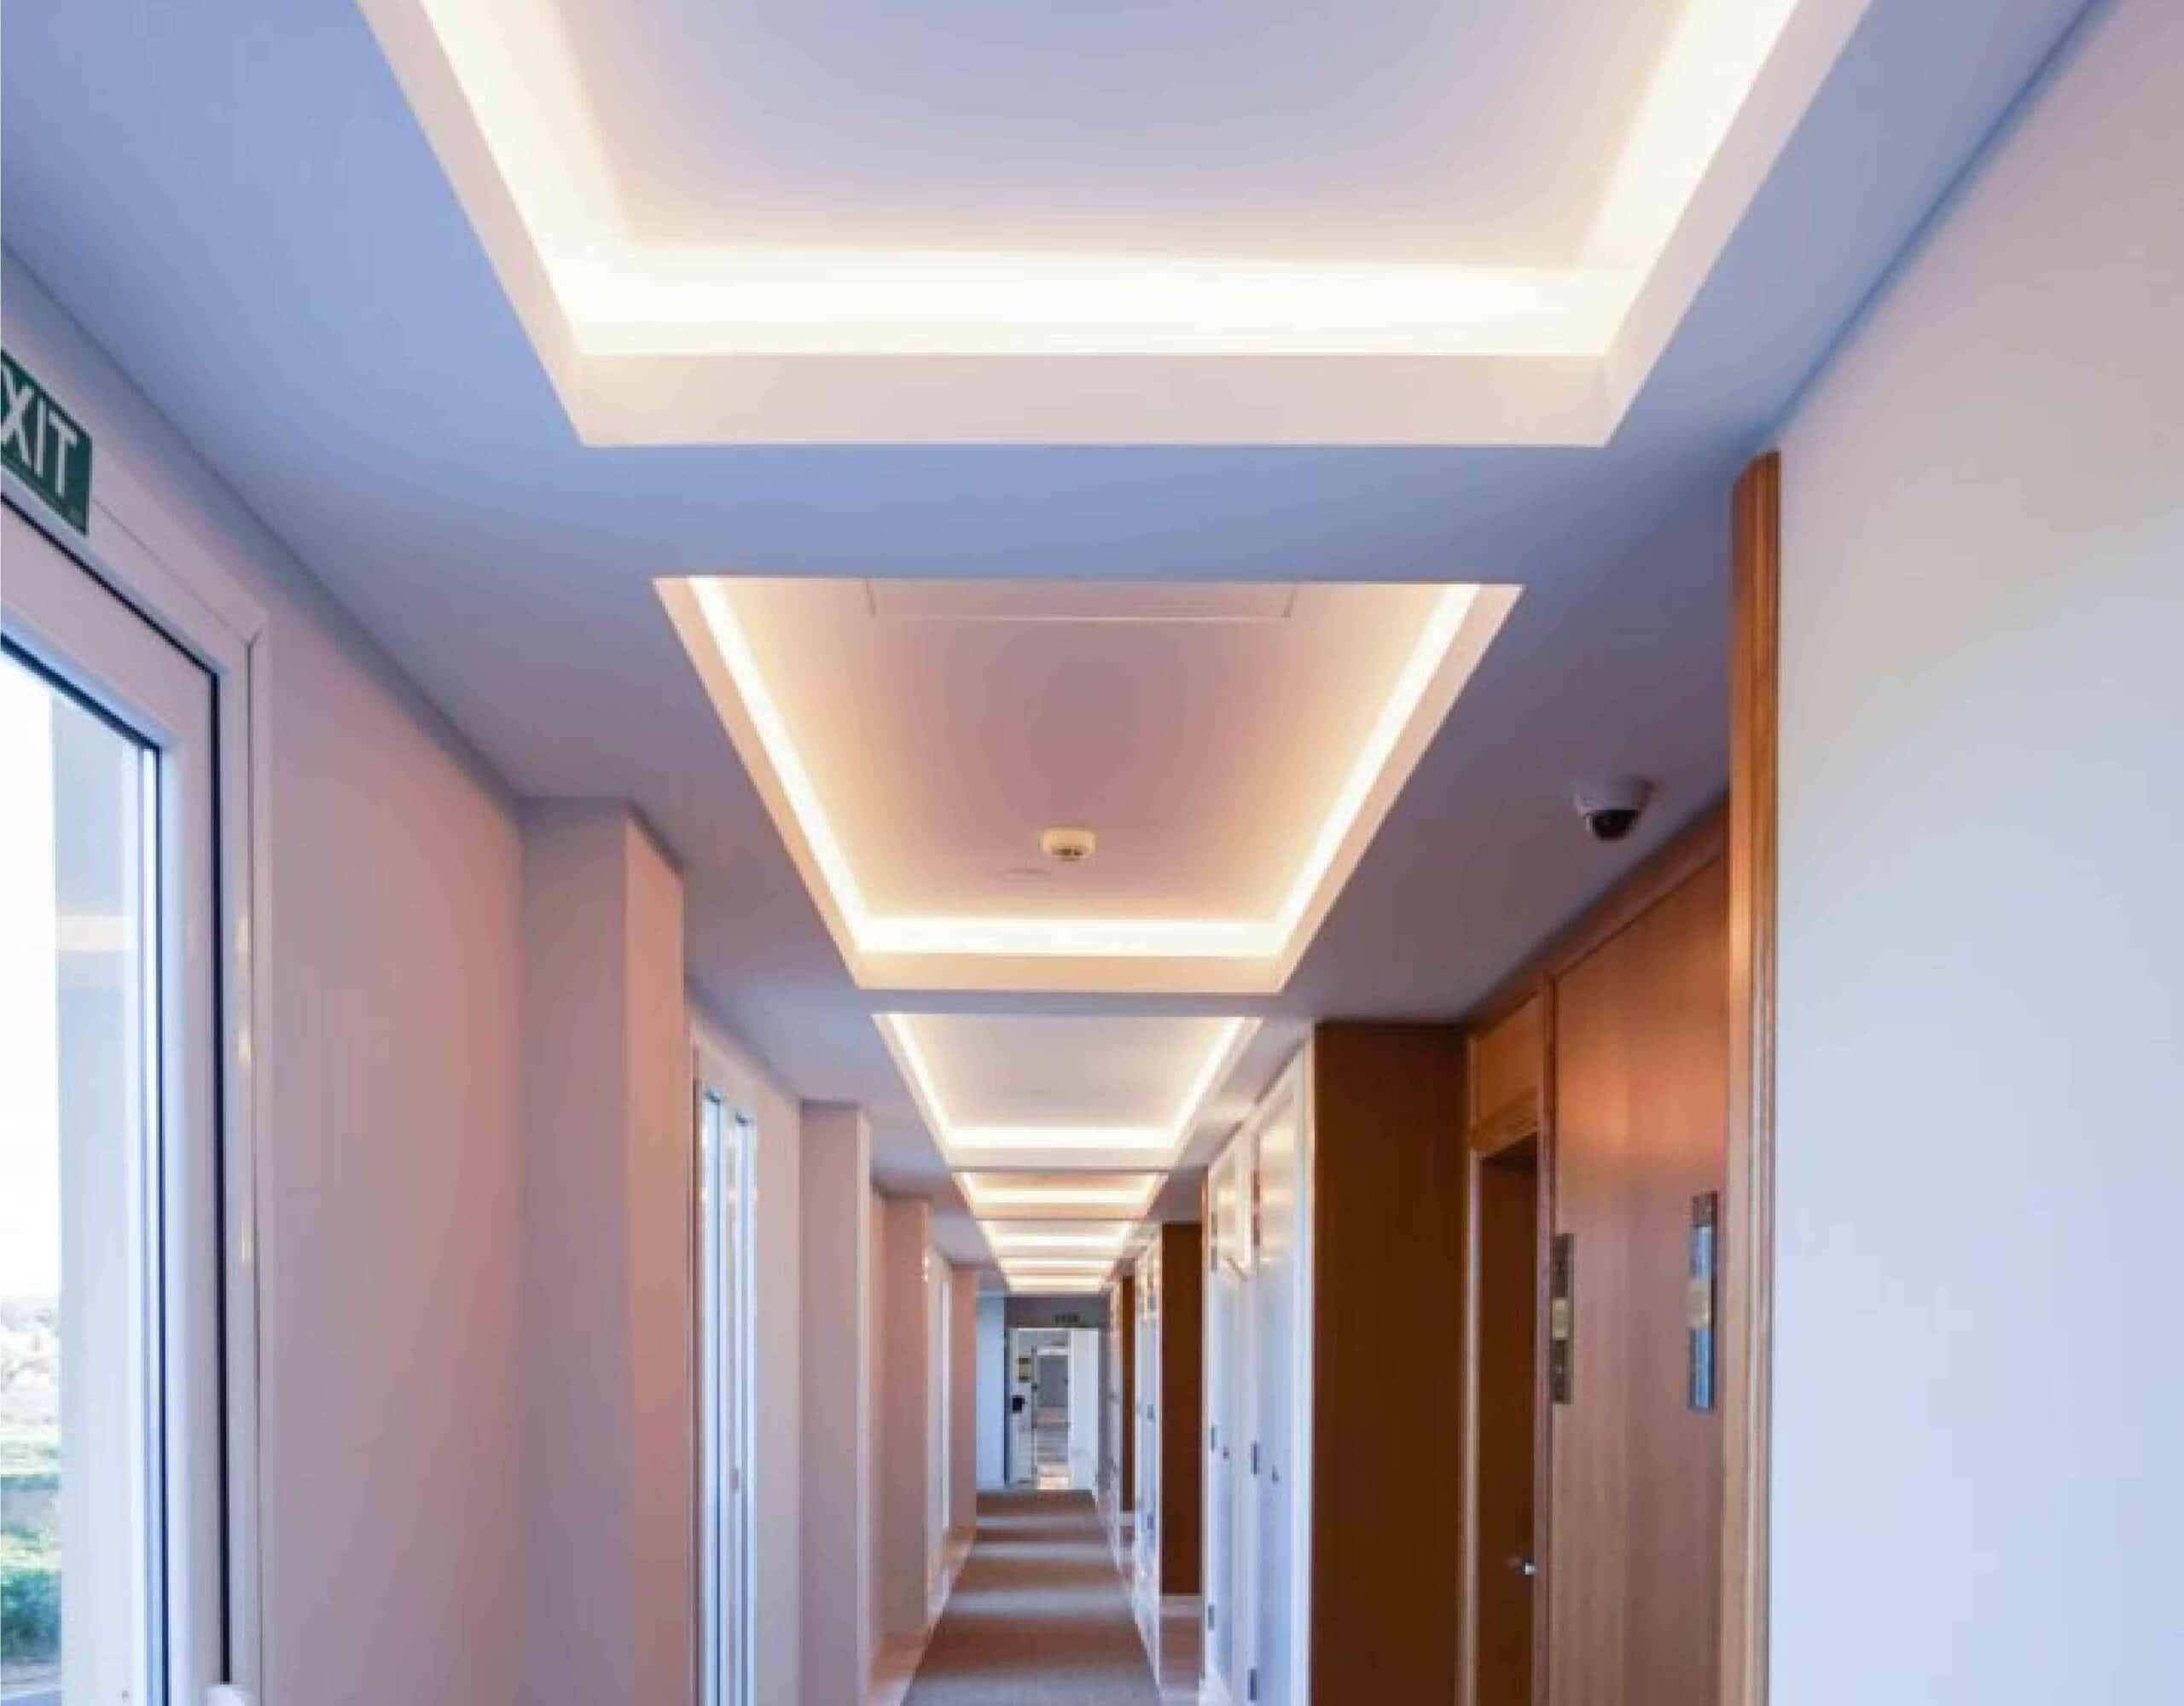 Grupotel Playa de Palma Suites & Spa instalación iluminación